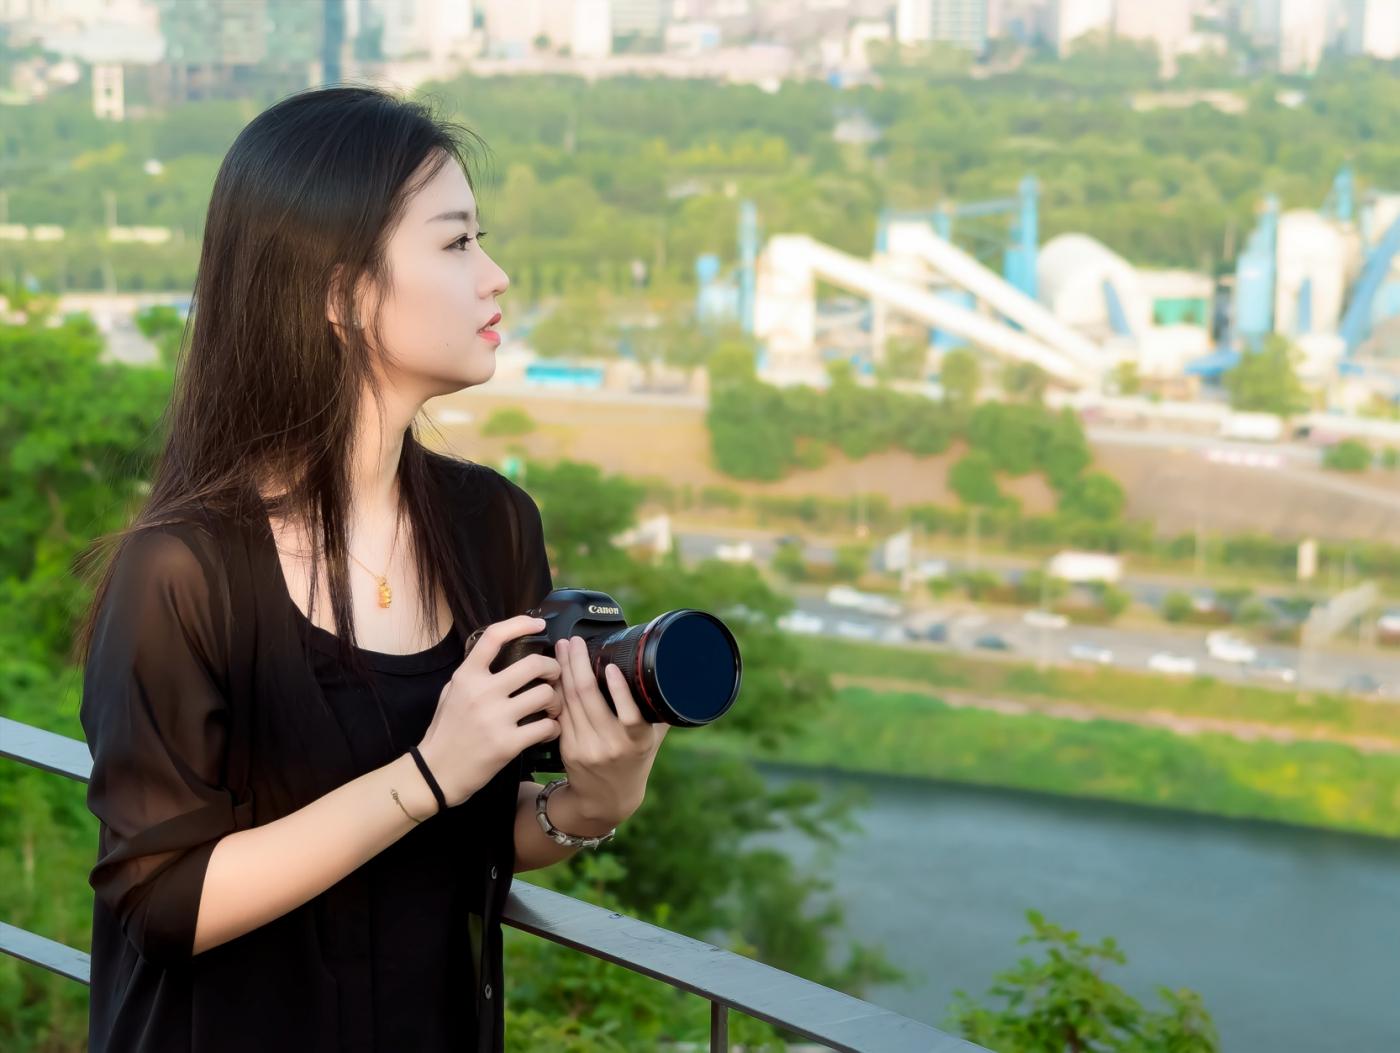 我所见过的最漂亮的女摄影师 姑娘的摄影是舞蹈老师教的吧_图1-6